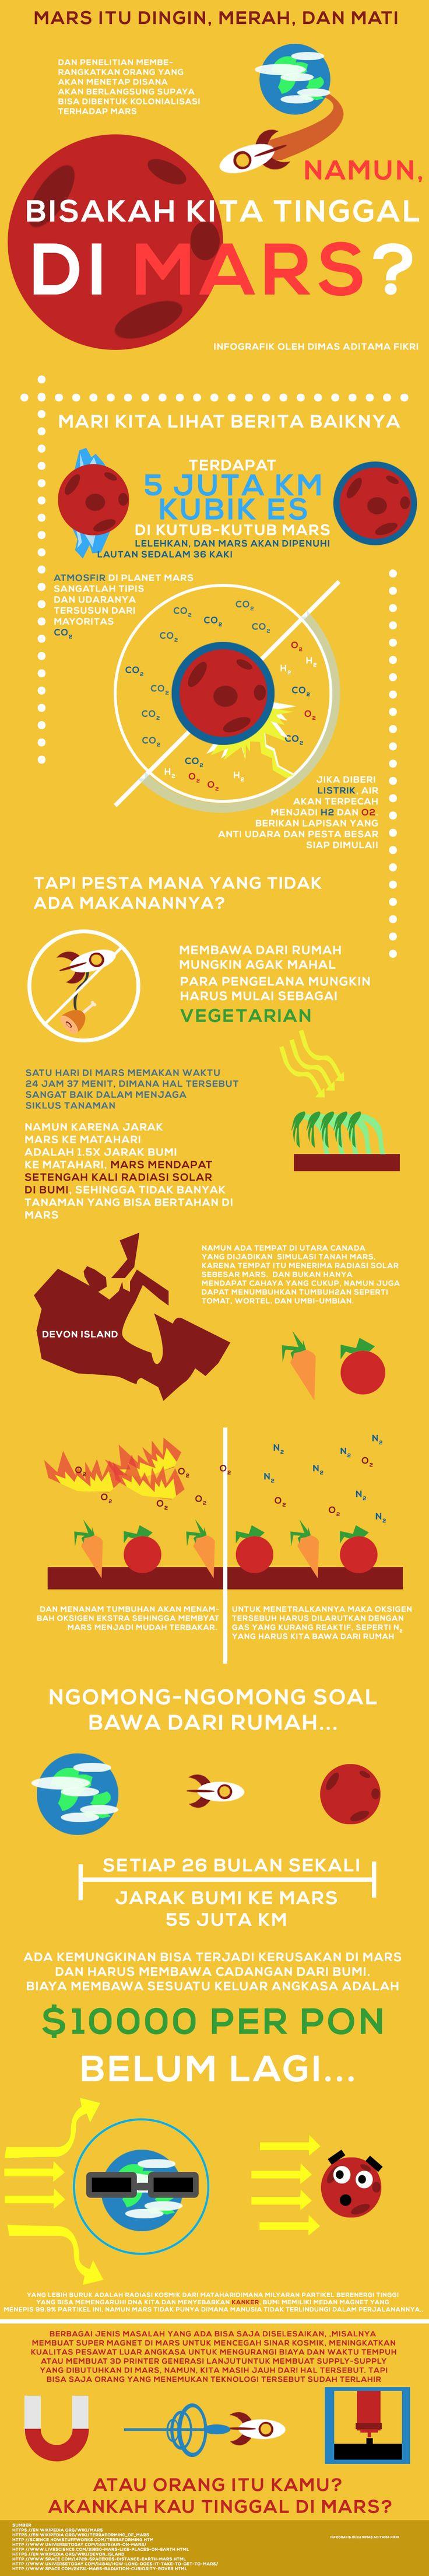 Bisakah kita tinggal di Mars? Infografis oleh Dimas Aditama Fikri